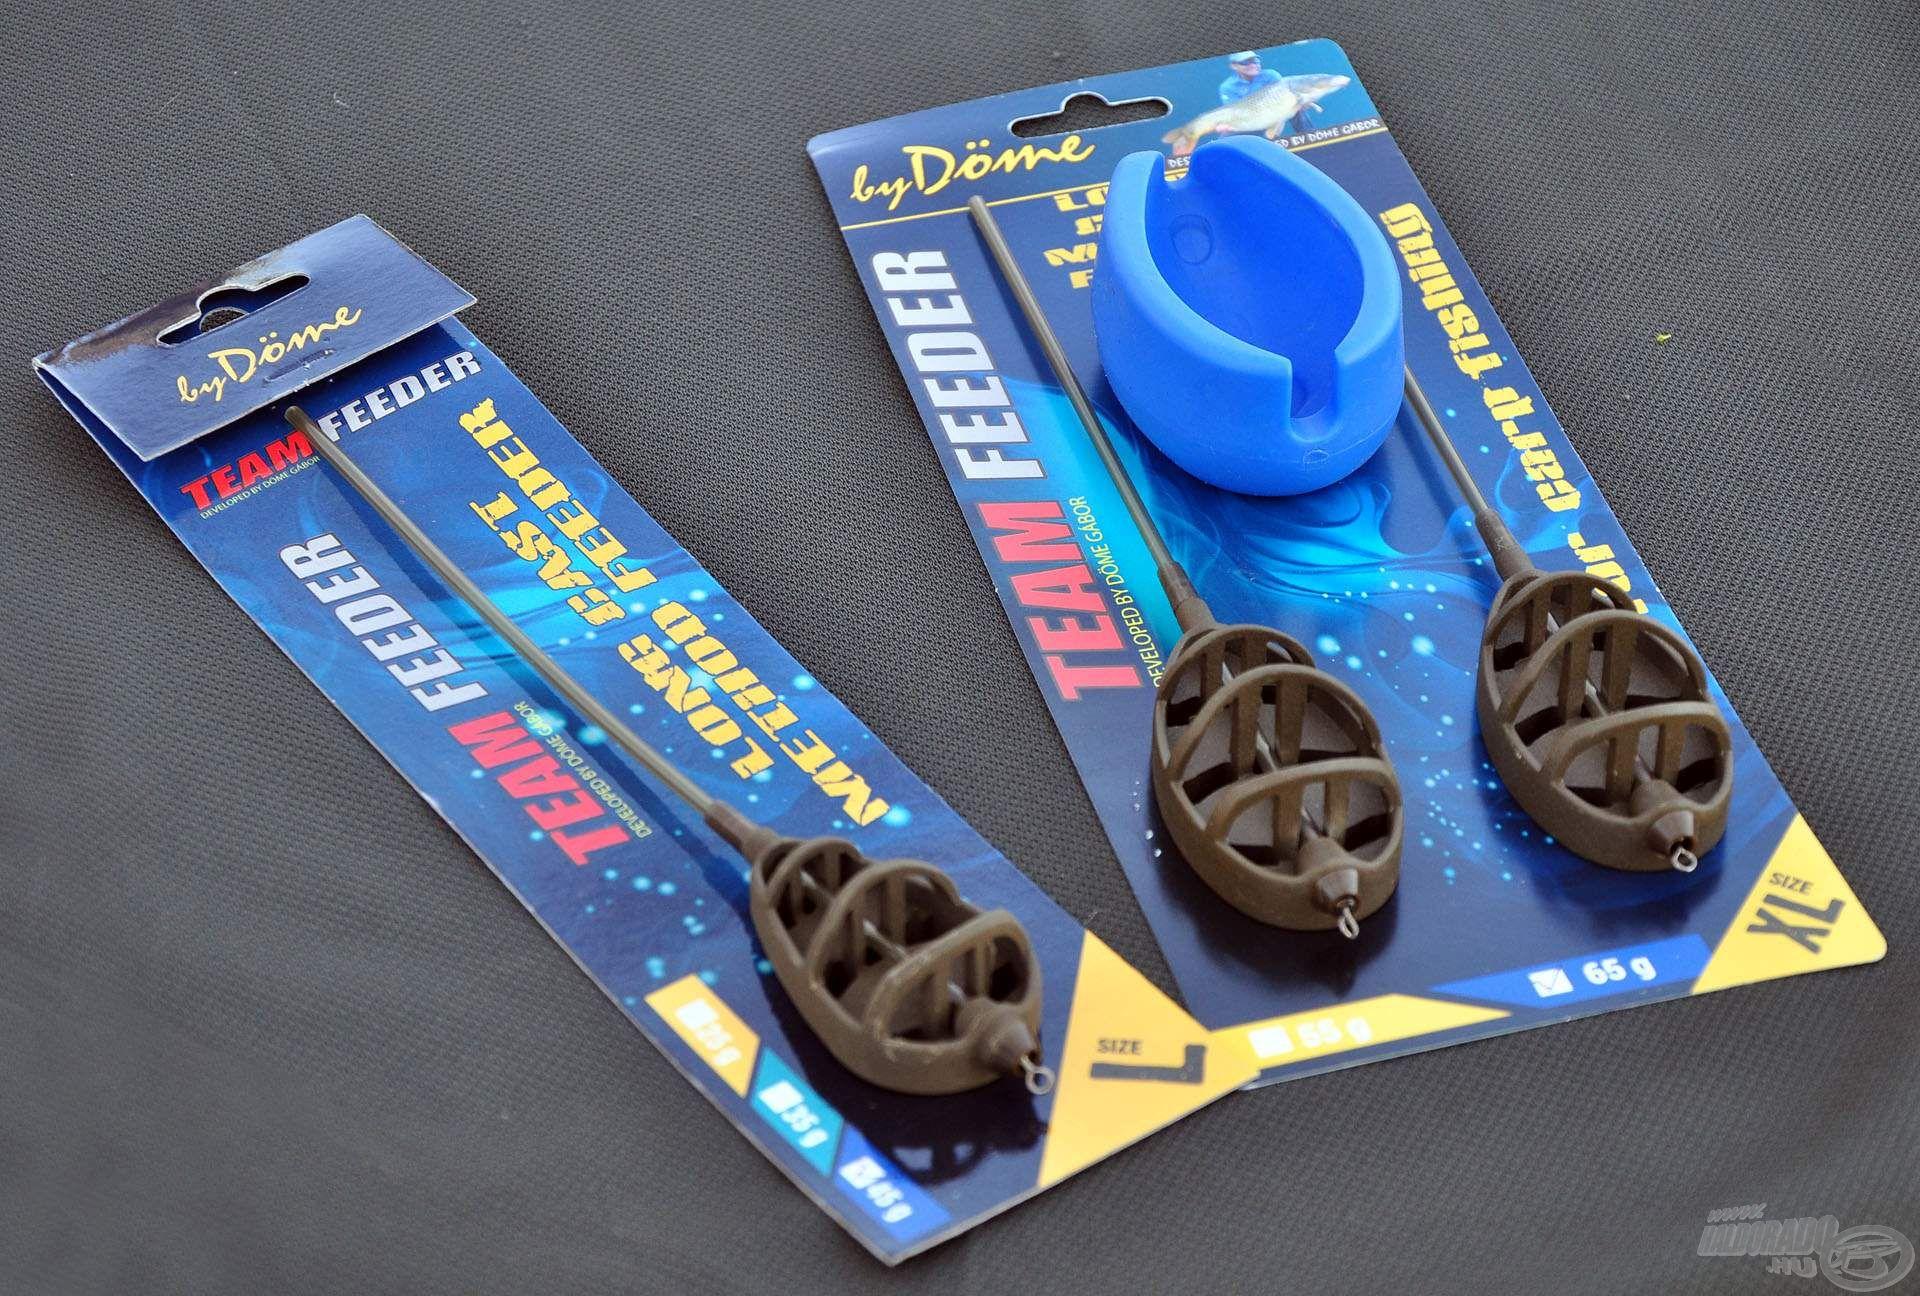 Az új kosarak mindegyike kétféle változatban kapható: 1 db önálló kosárként, valamint 2 db kosár + 1 db töltőszerszám összeállításban